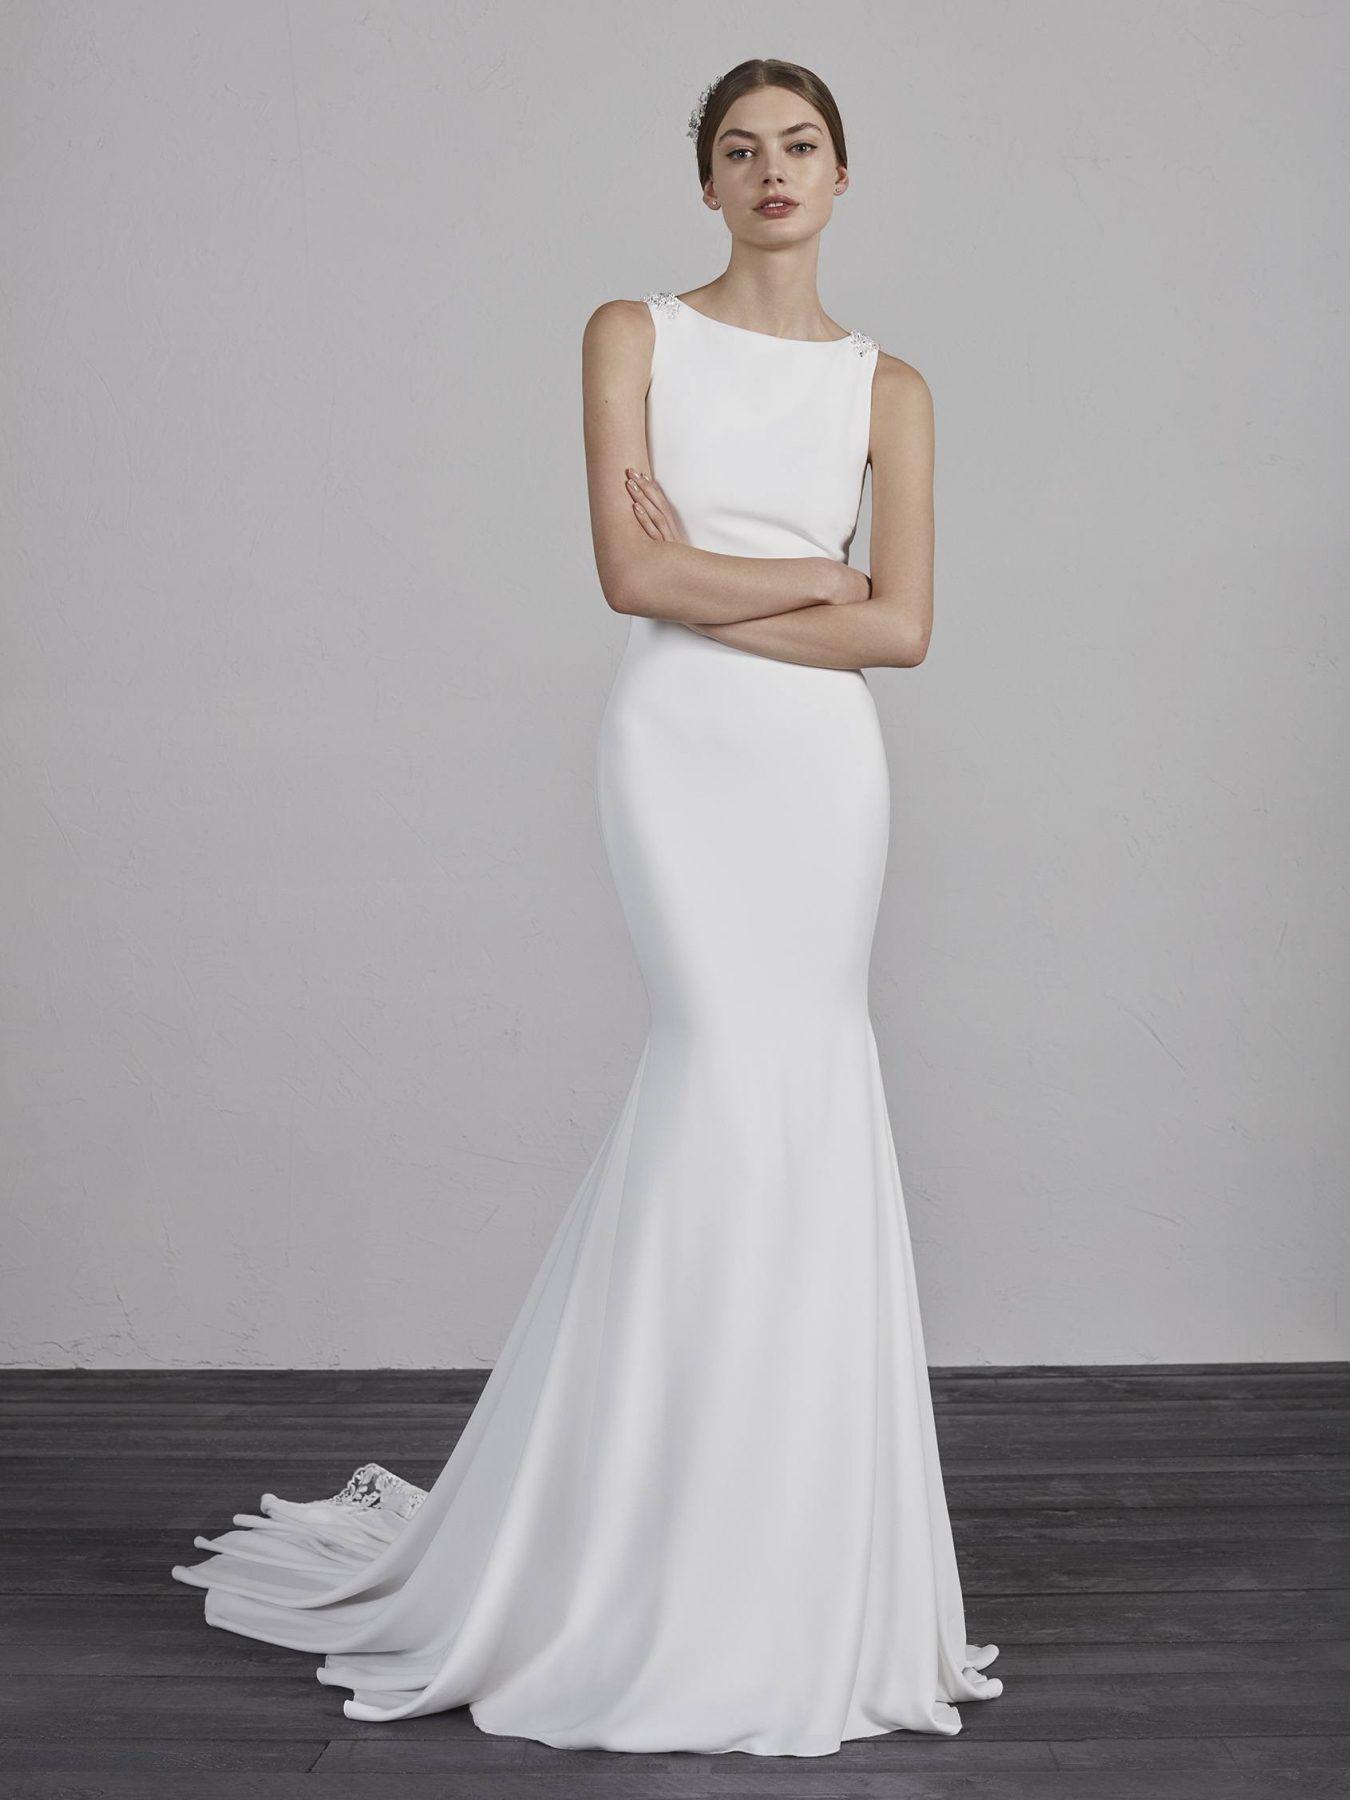 Bateau Neck Sleeveless Illusion Lace Back Mermaid Wedding Dress